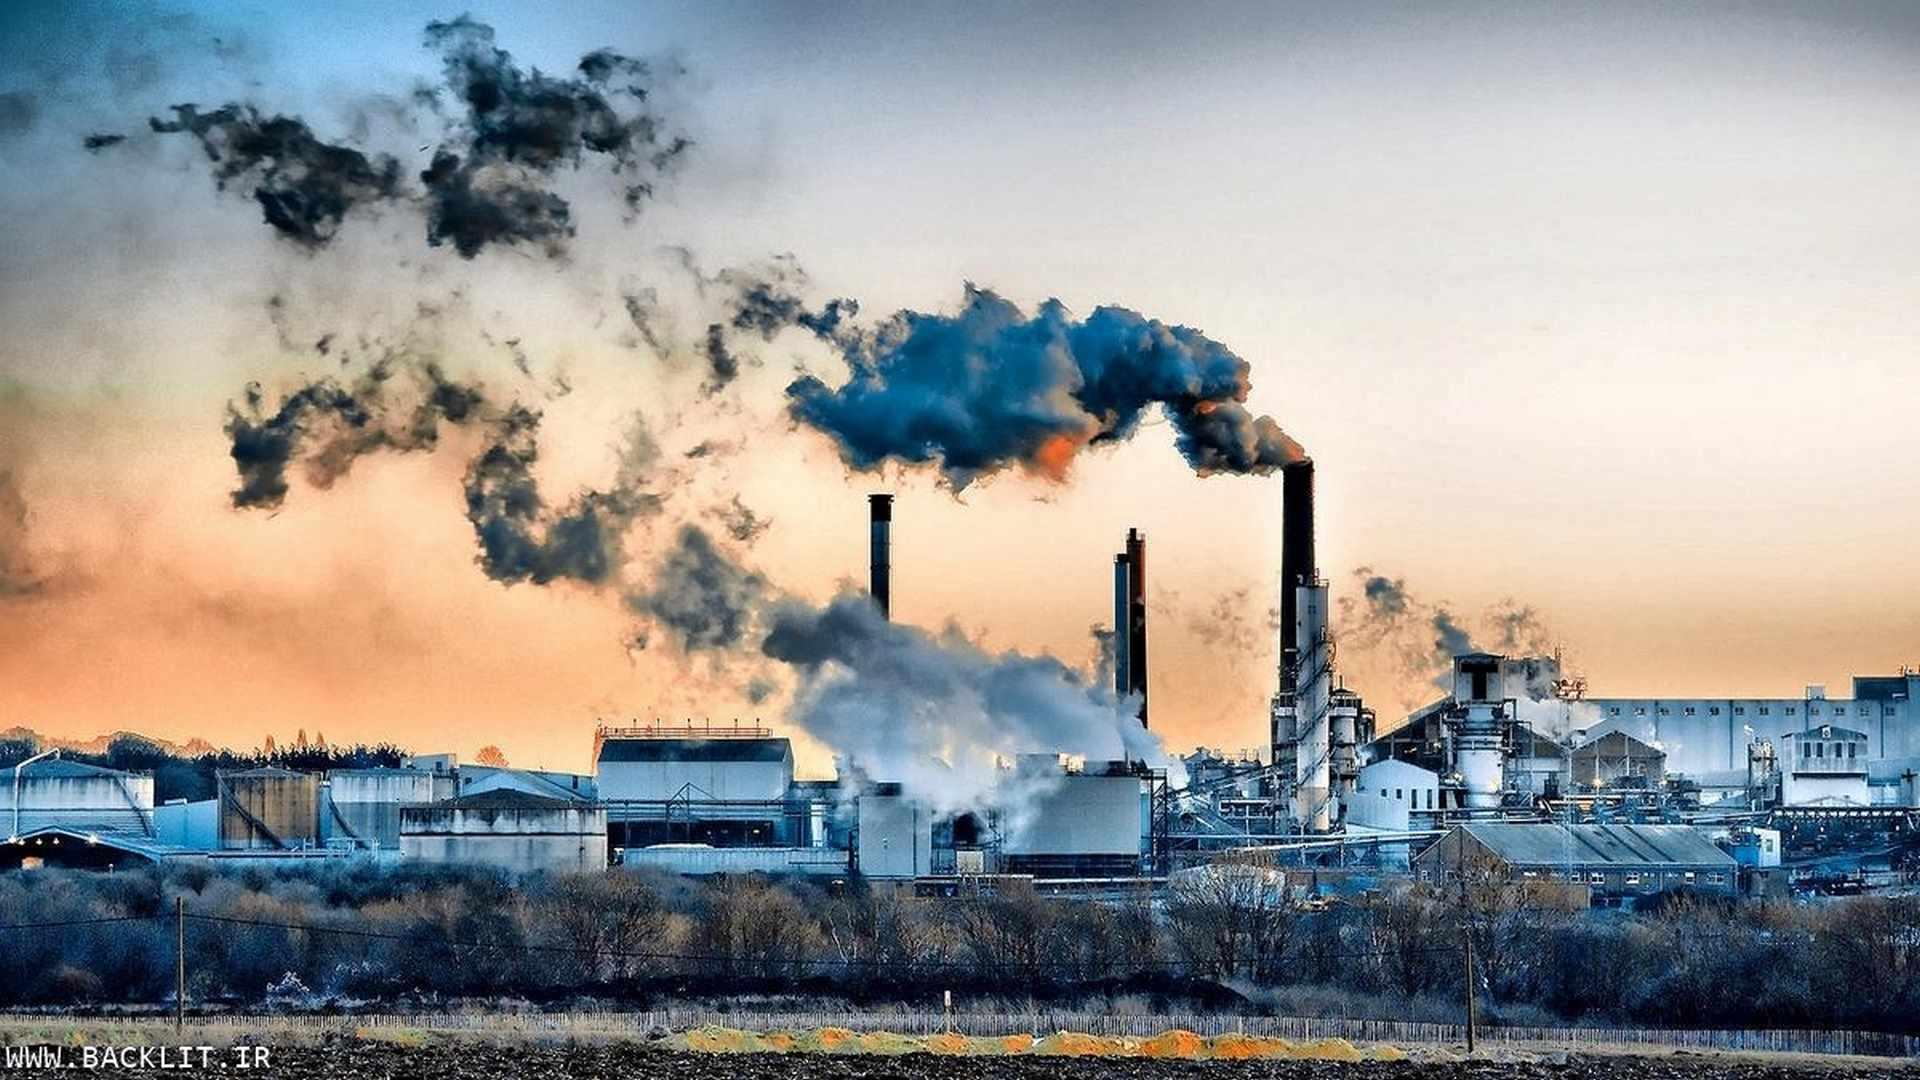 عکس تاسیسات صنعتی وپالایشگاهی 29